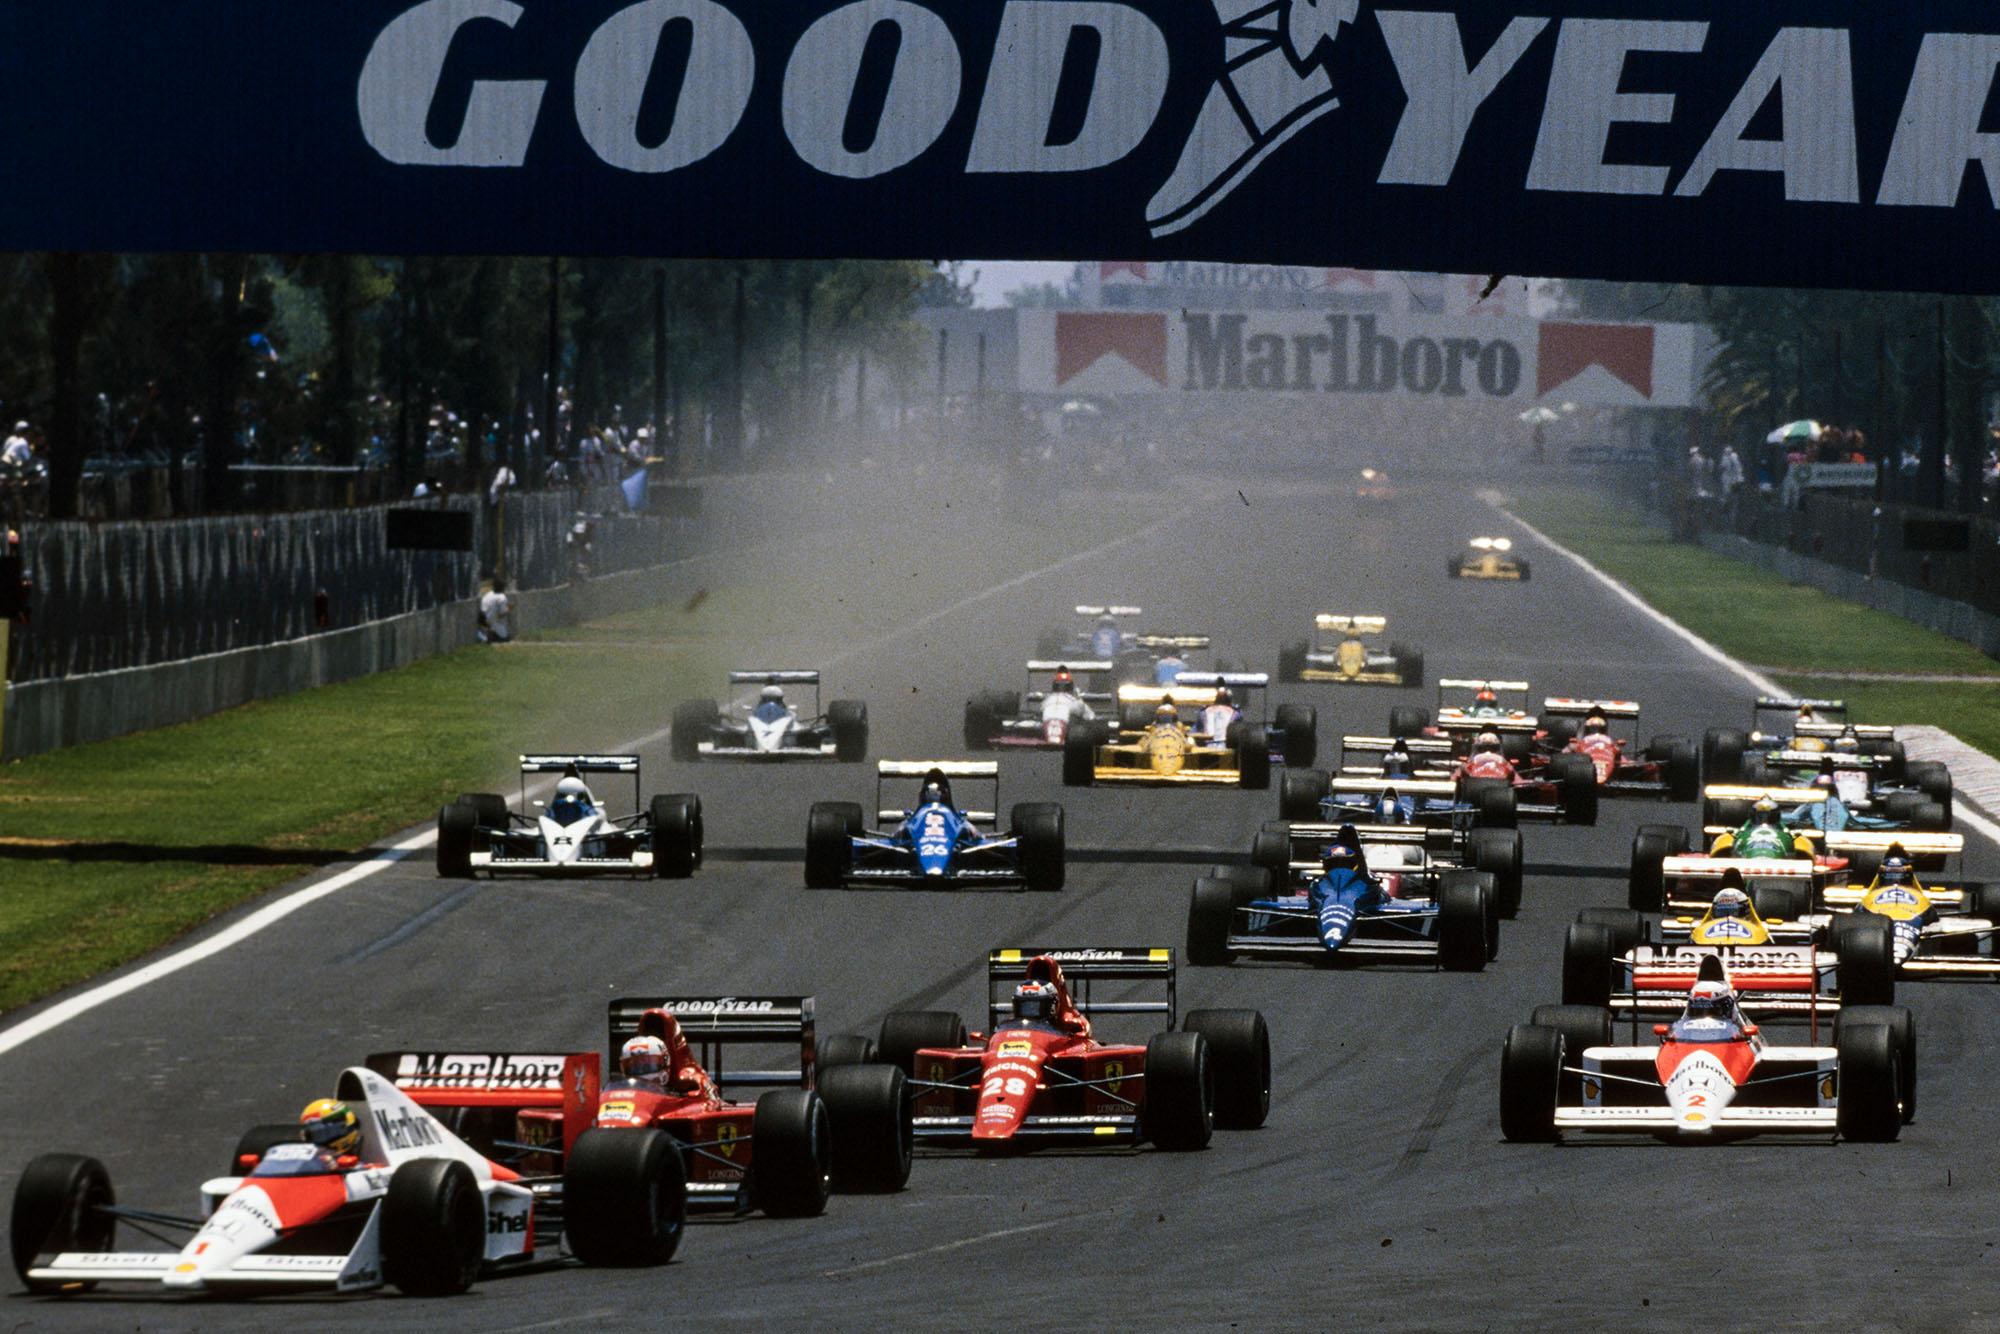 1989 Mex GP start